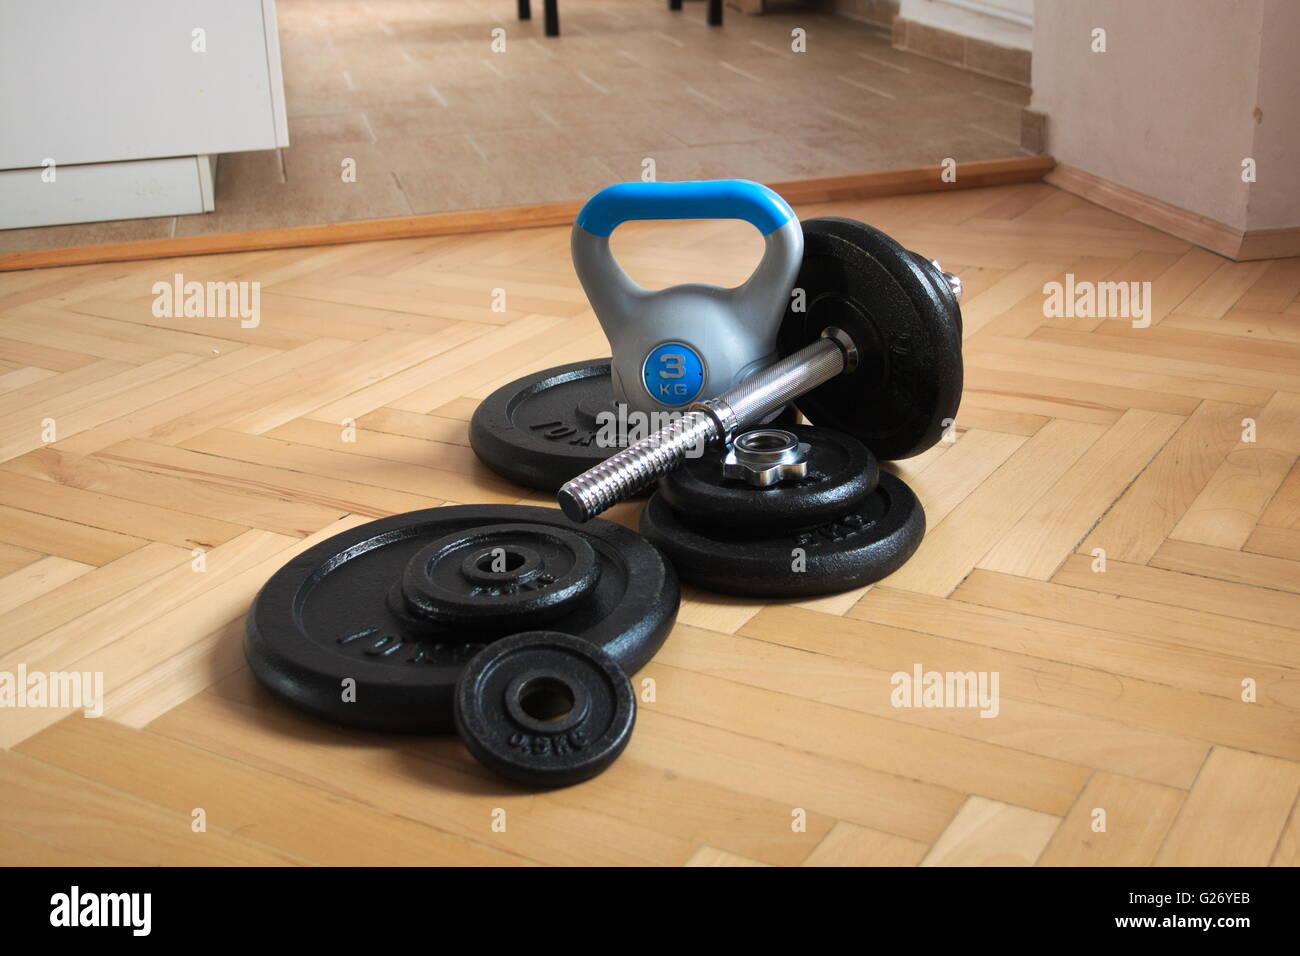 Accueil Outils pour le culturisme, fitness et électrique bell et 40 kg pour les exercices et sont placées Photo Stock